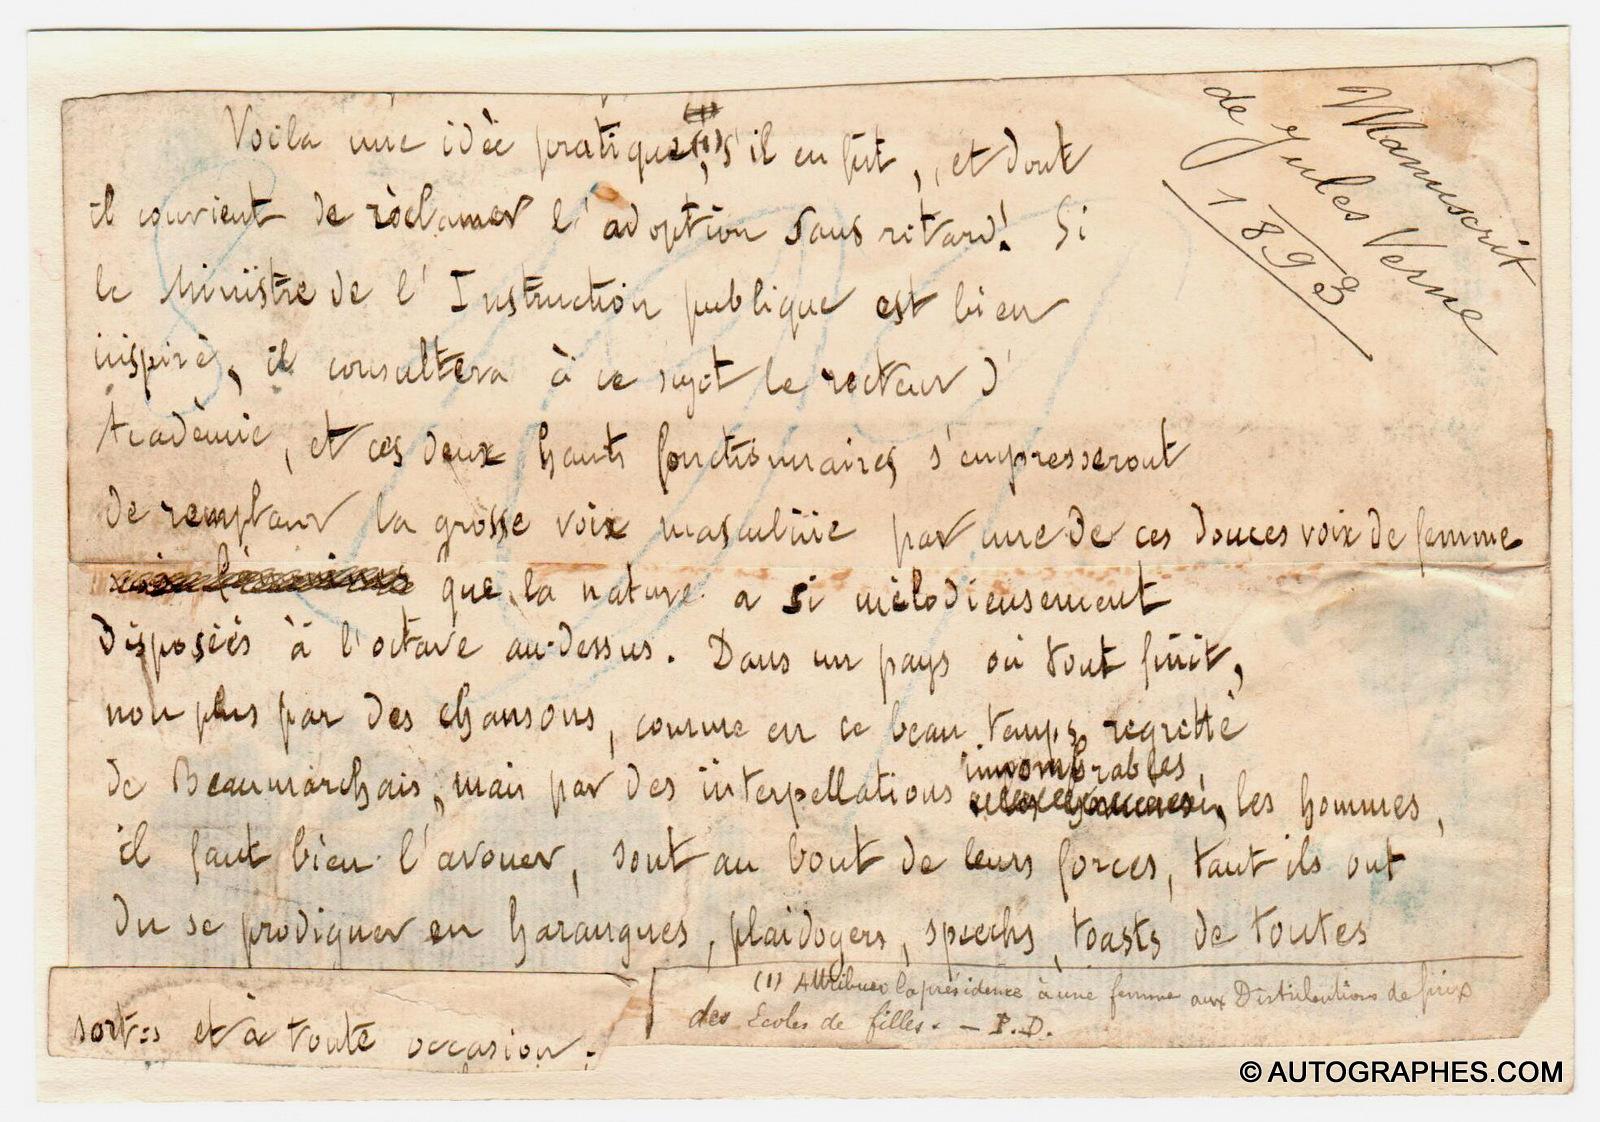 manuscrit-autographe-jules-vernes 1893